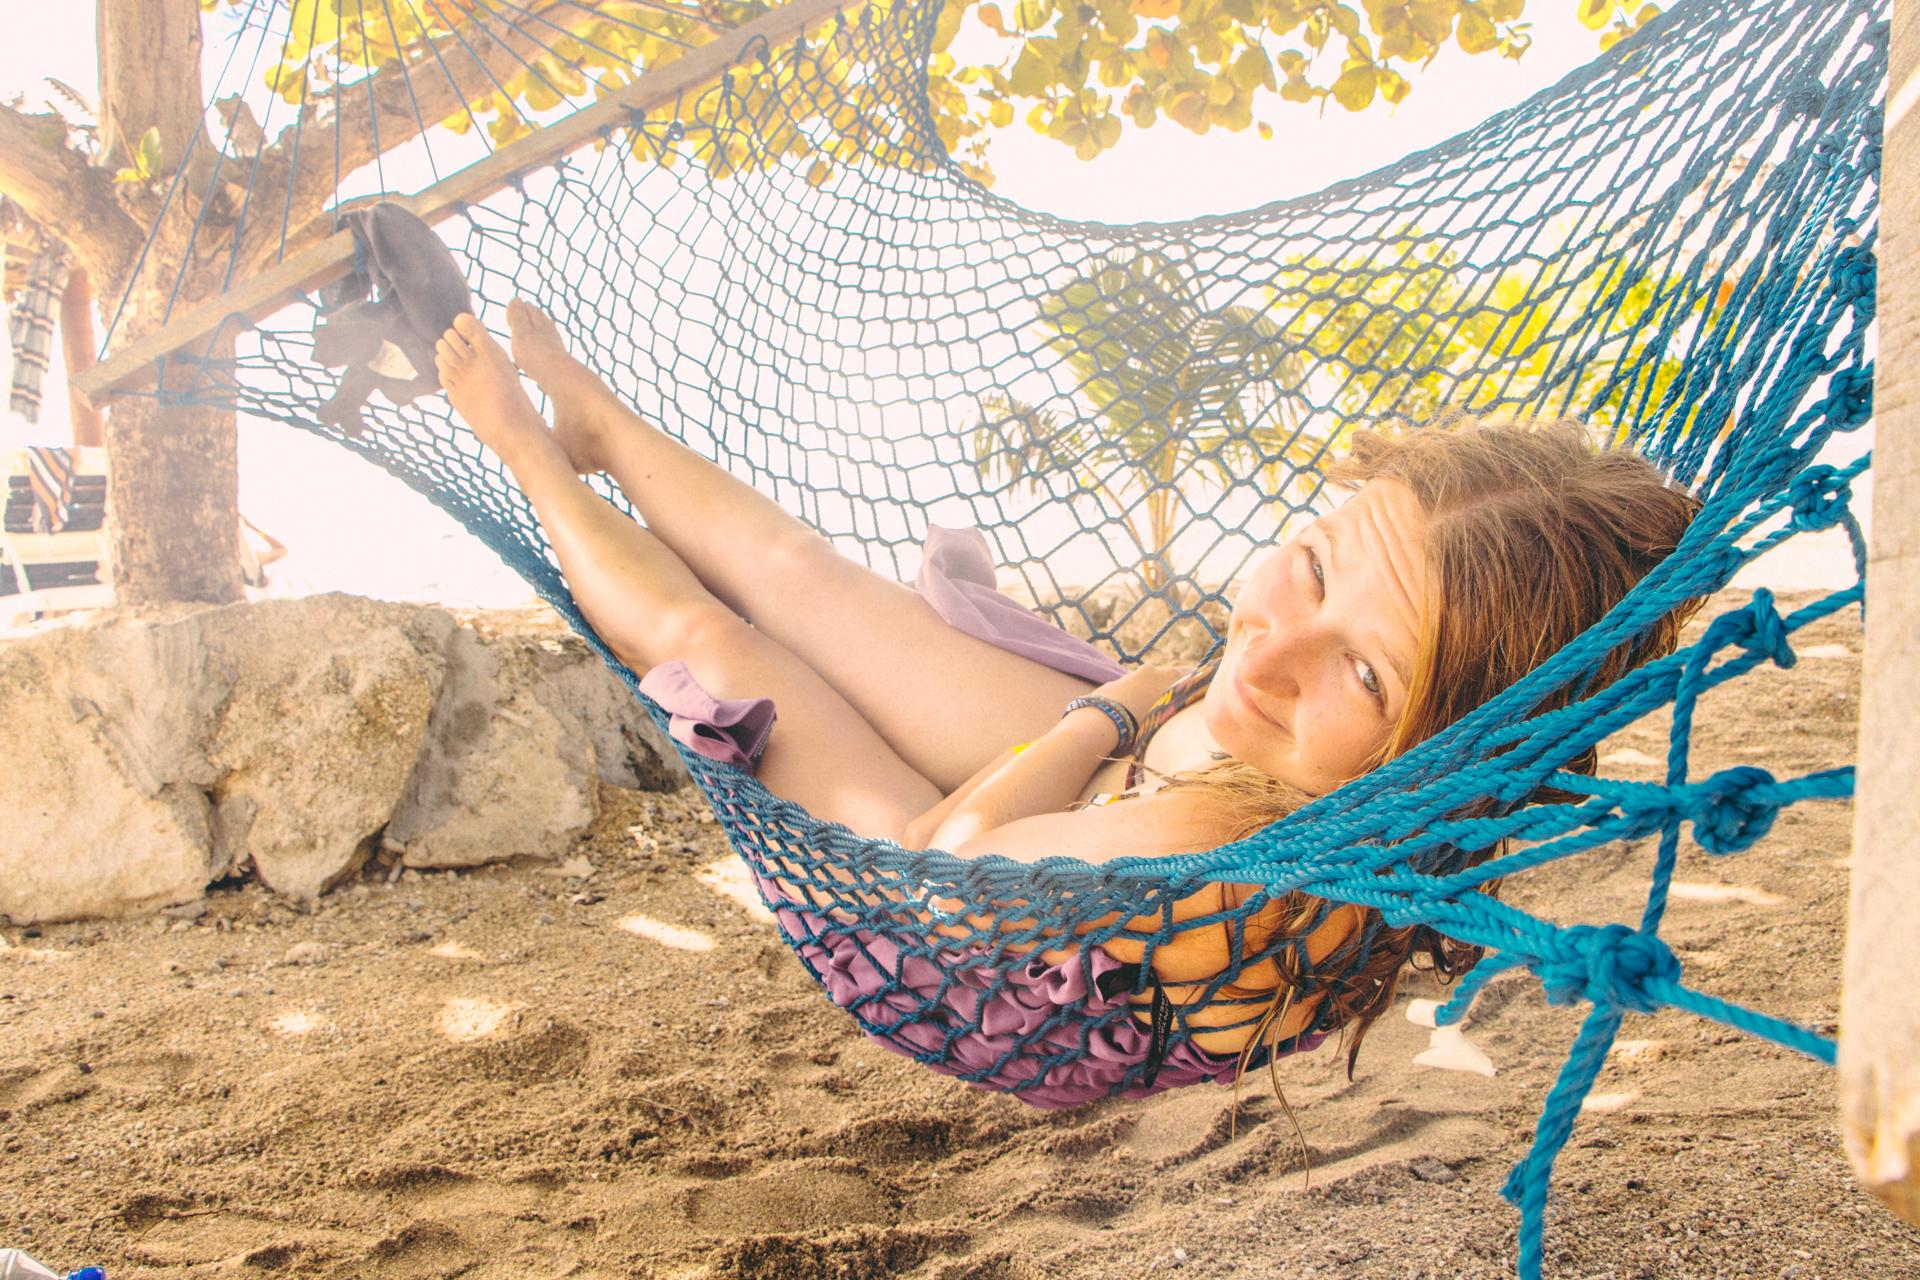 Backpacker Alis in hammock - digital nomad life in Fiji